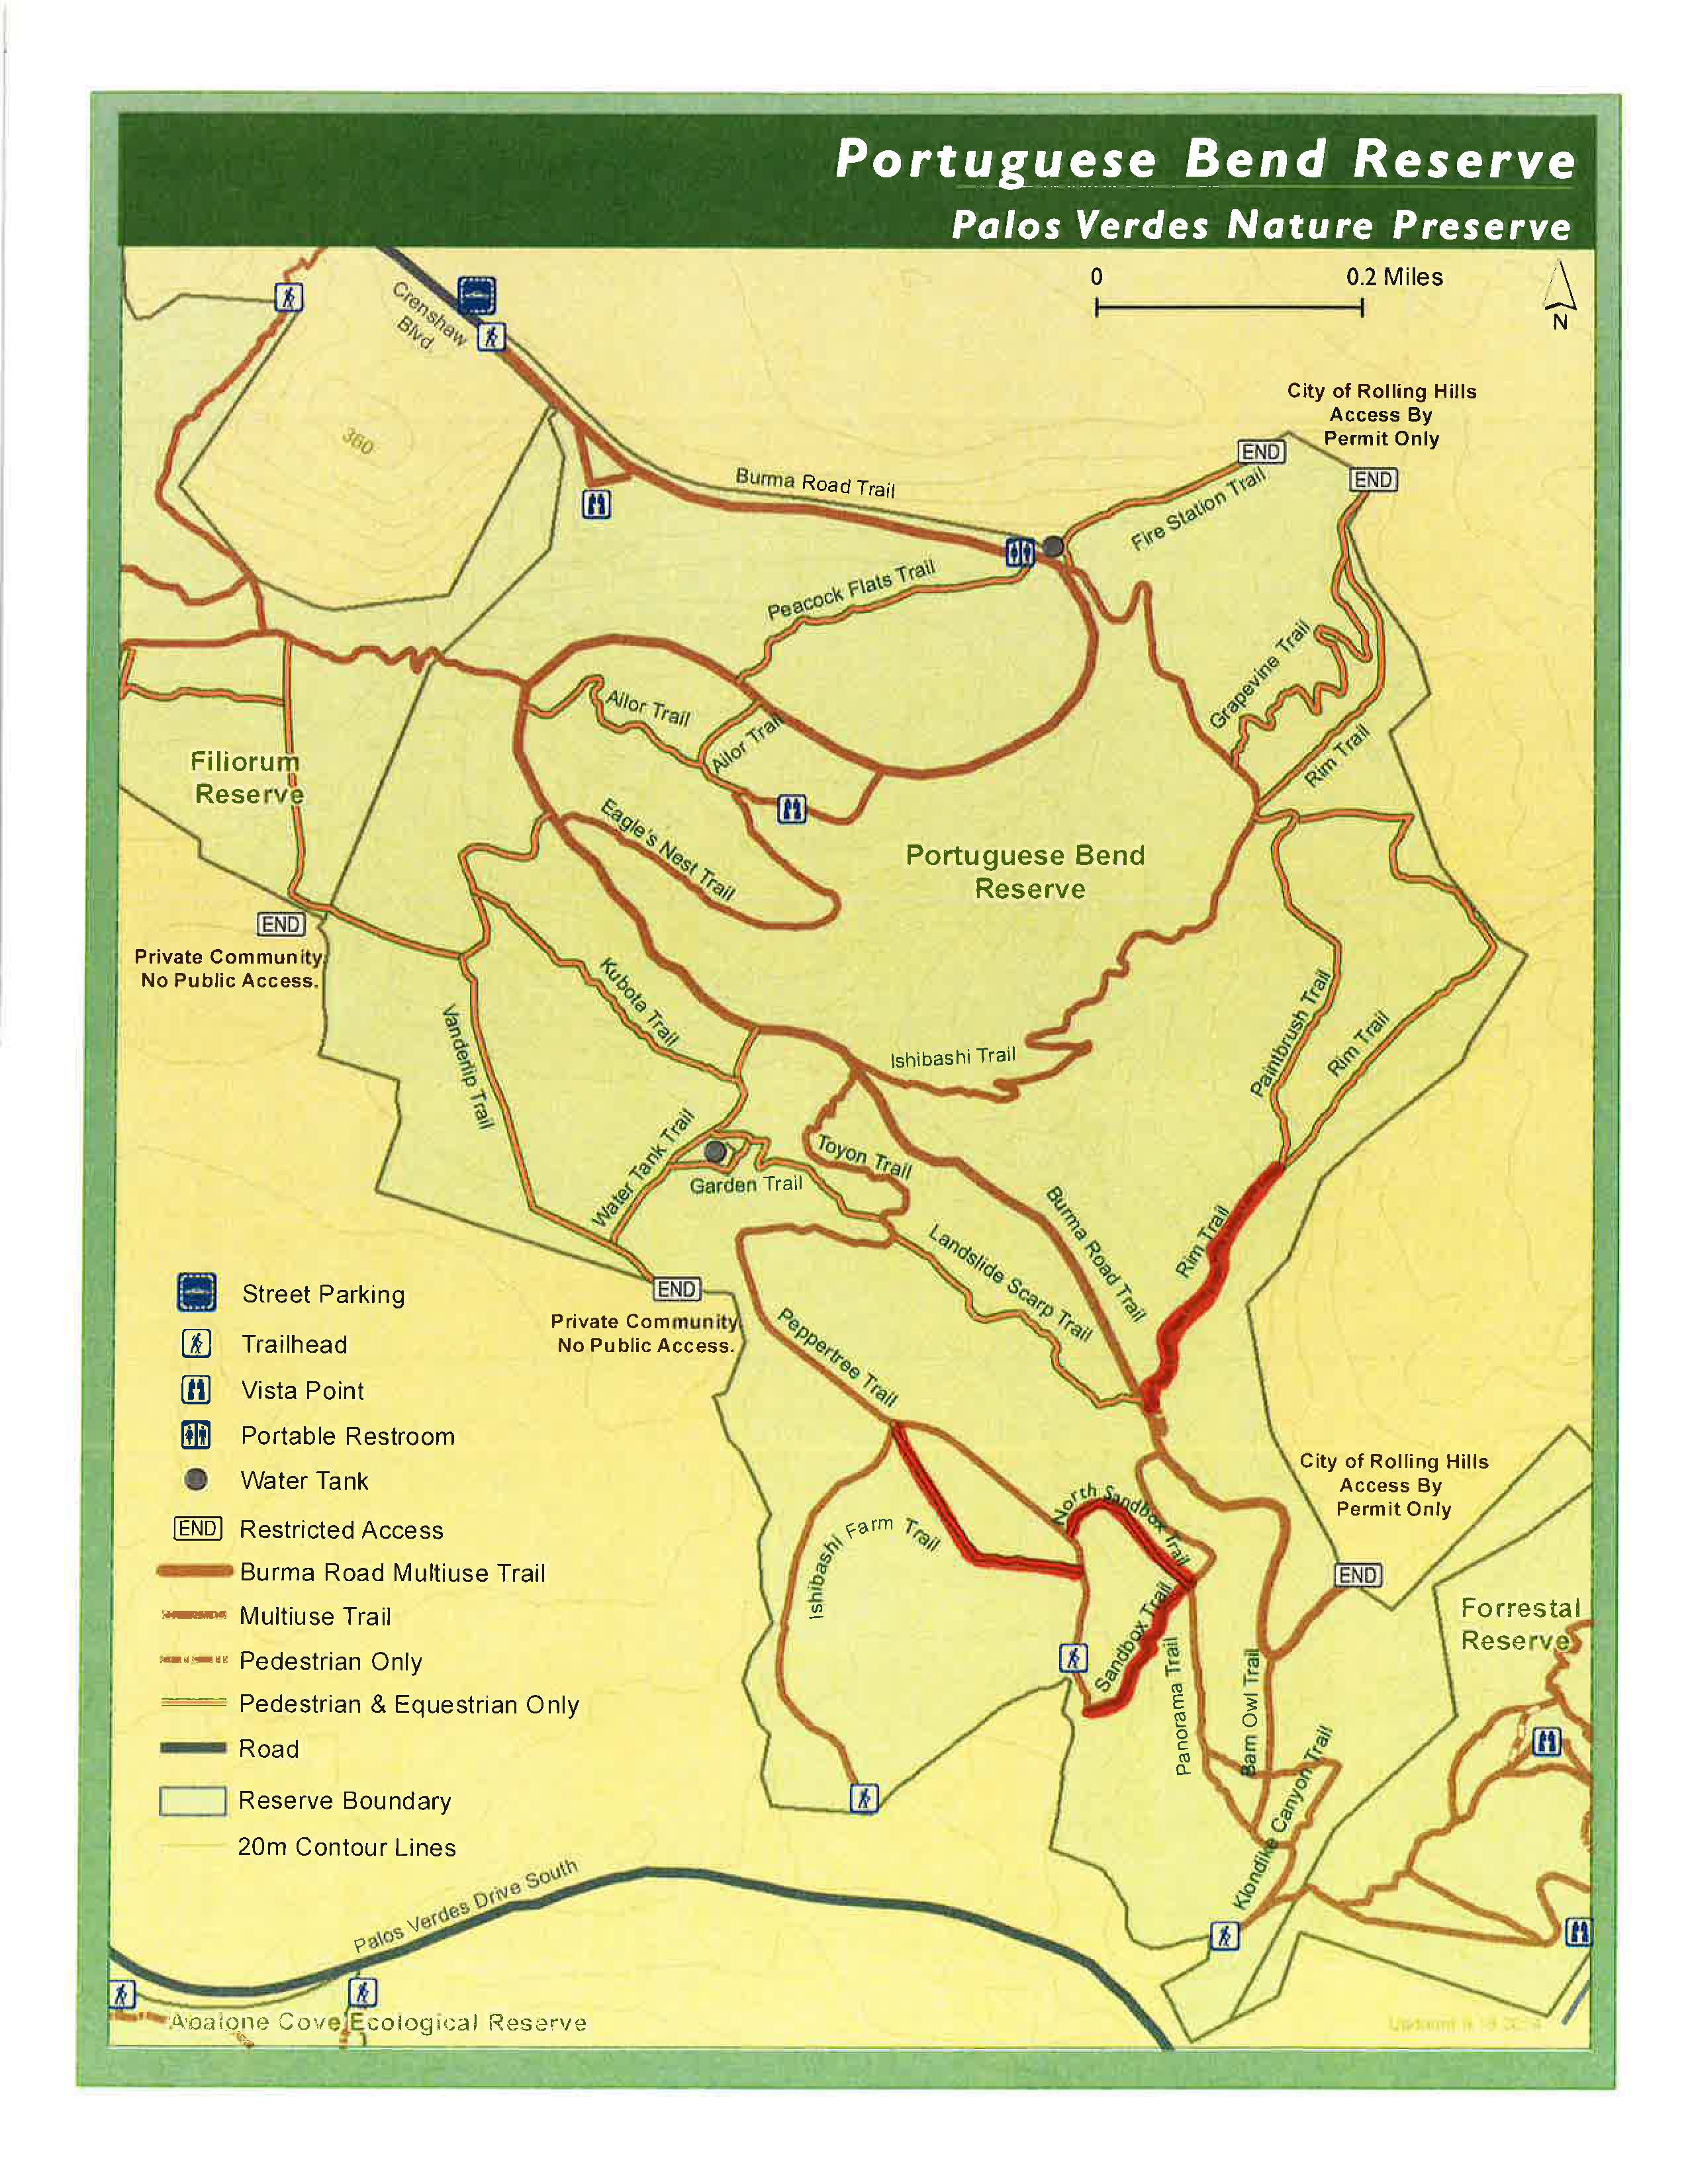 Poruguese Bend Trails closed